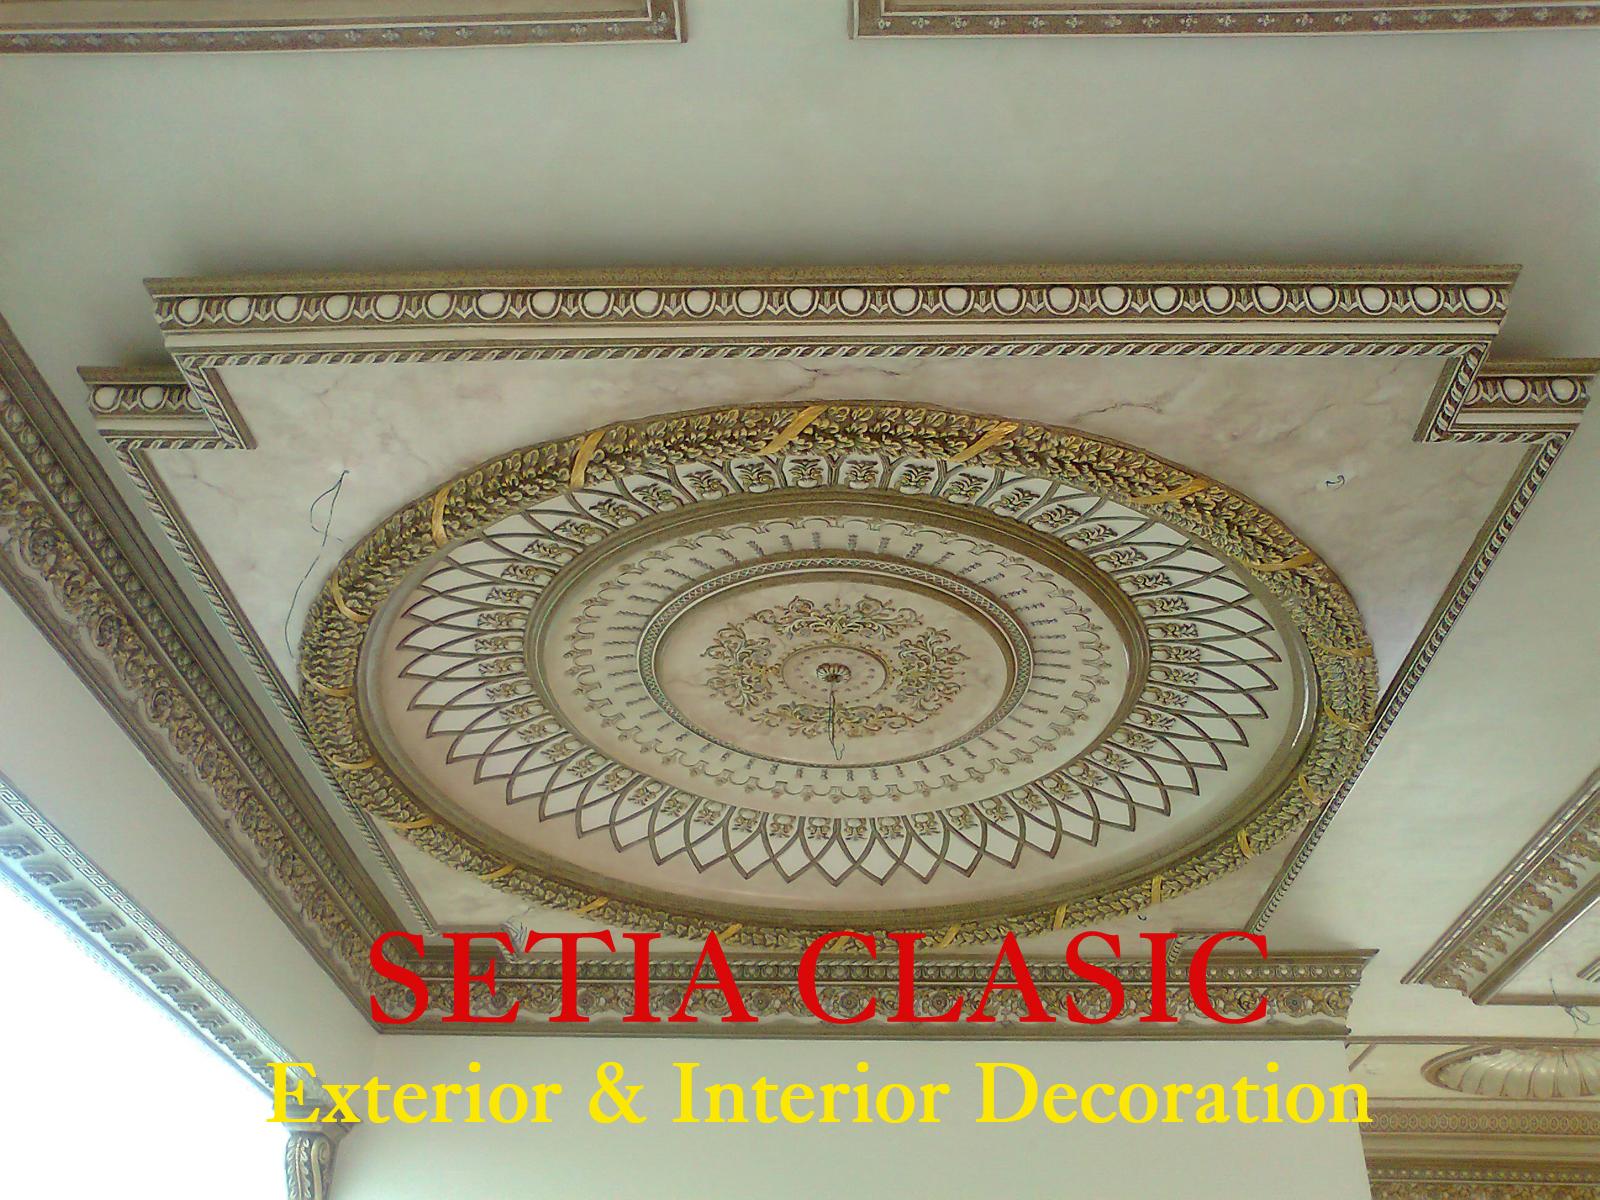 Gambar Pelayanan Pelanggan Pengaruh Kualitas Pelayanan Terhadap Kepuasan Pelanggan Desain Plafon Gypsum Klasik Yang Artistik Foto Setia Clasic